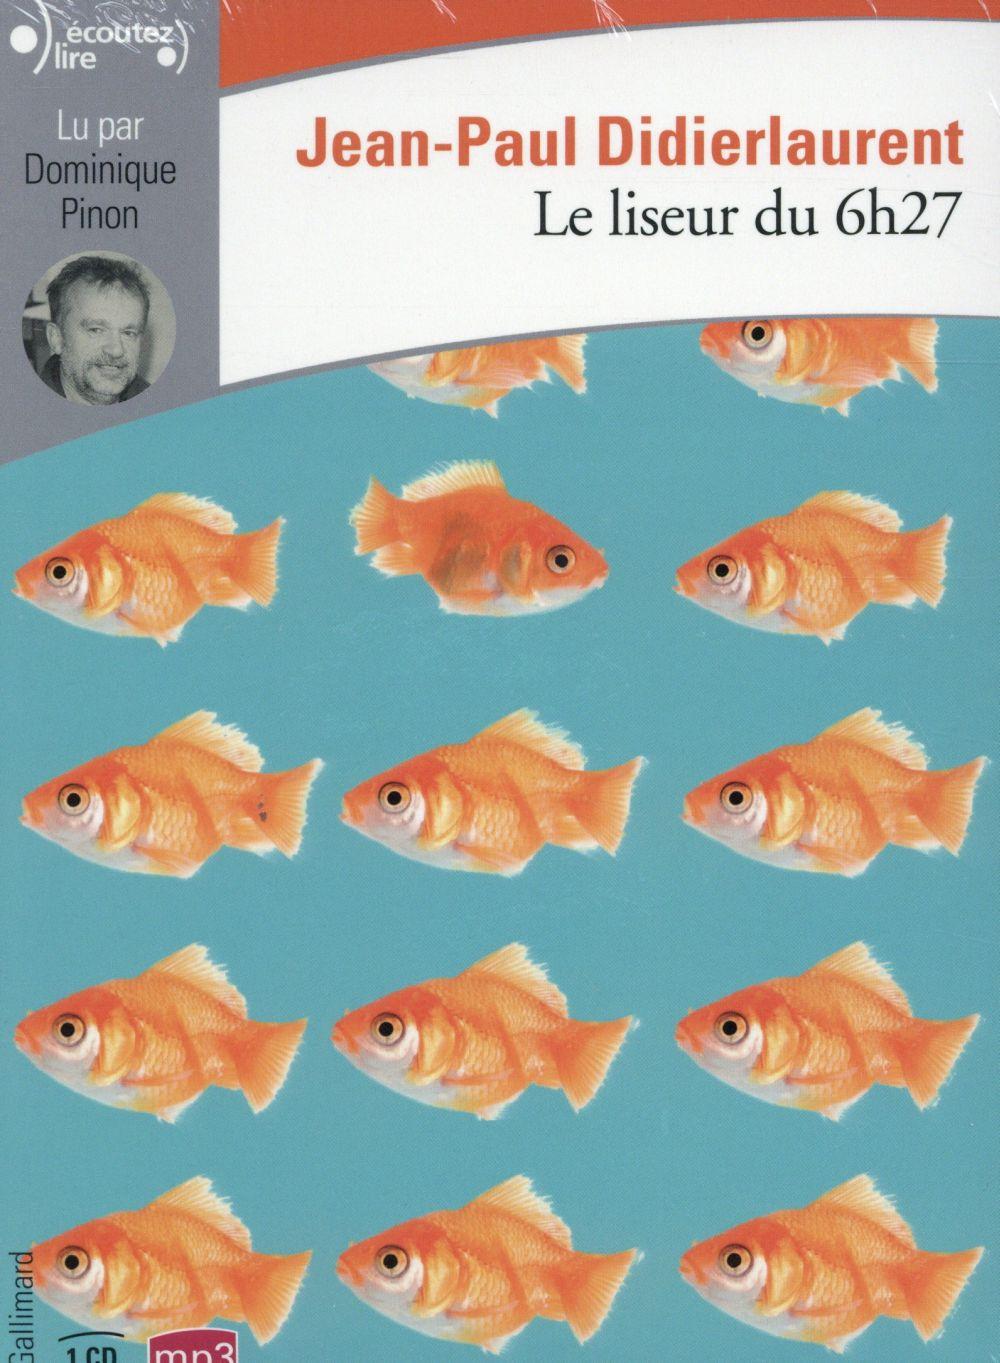 Le liseur du 6h27 / Jean-Paul Didierlaurent | Didierlaurent, Jean-Paul (1962-....)